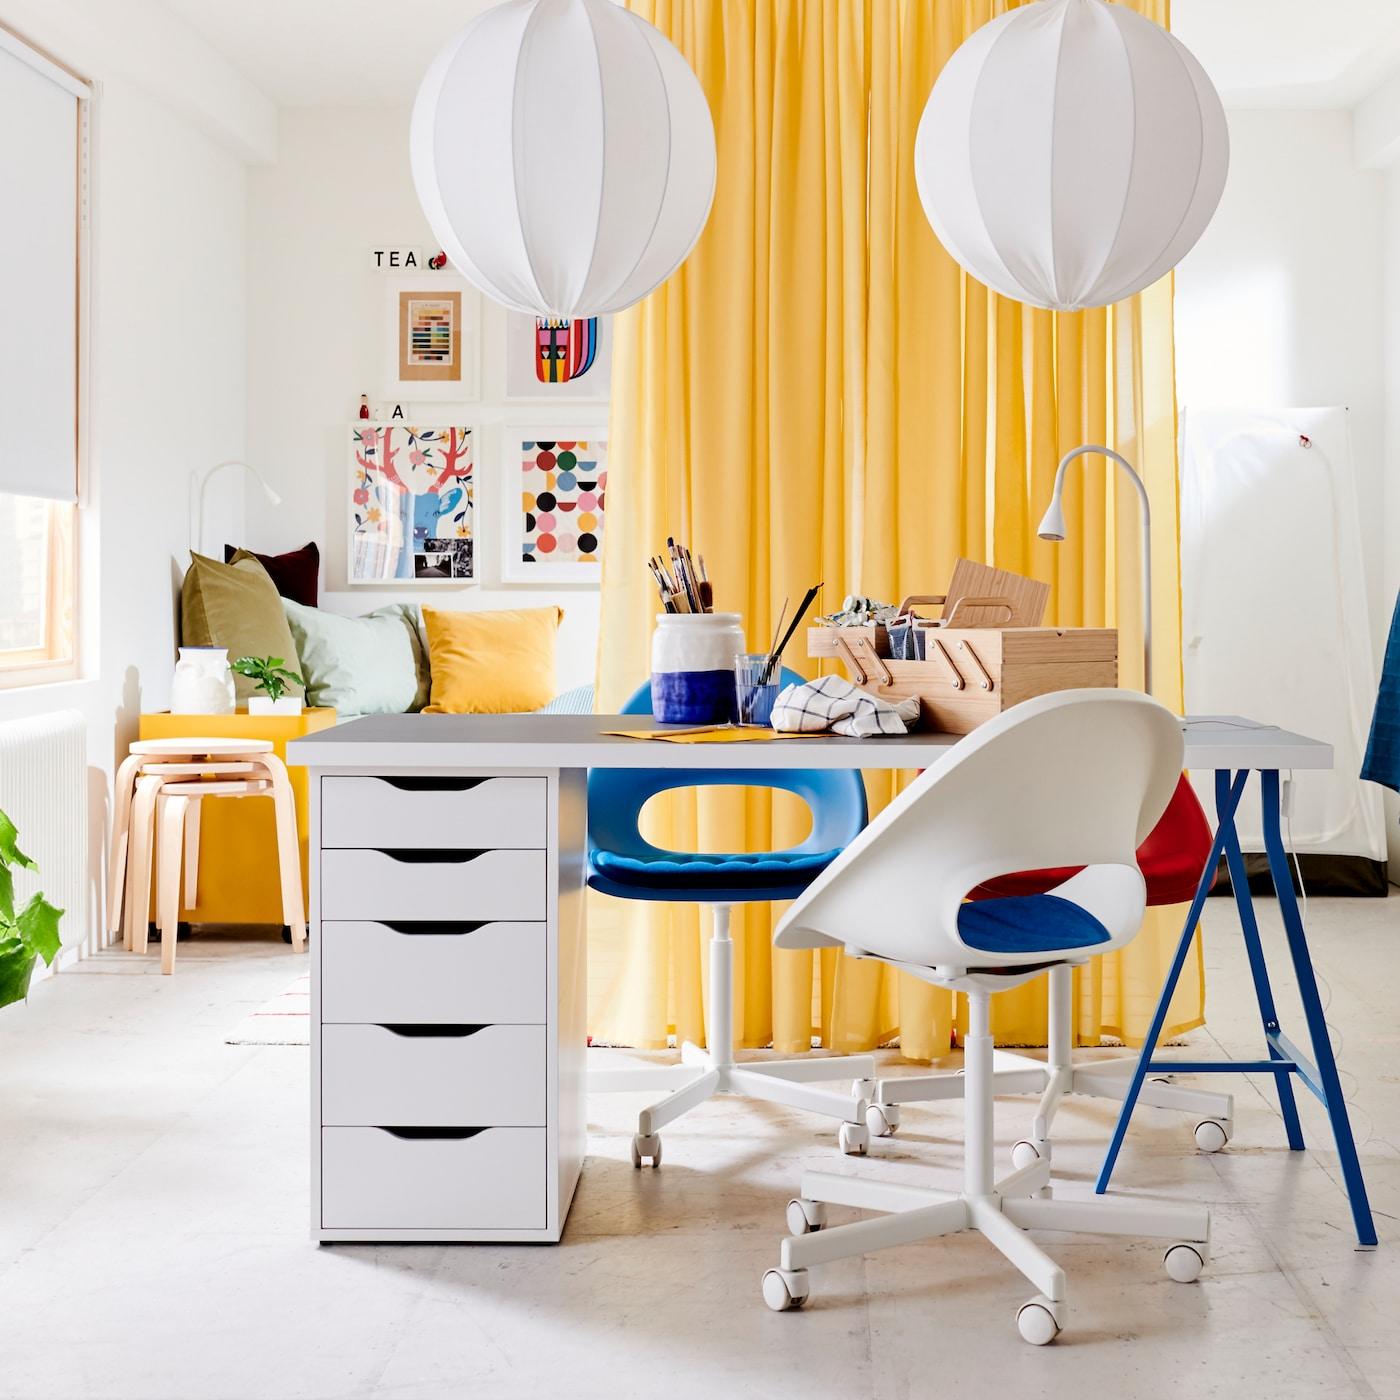 Светло-серый/белый стол с синими ножками и несколькими ящиками, три бело-сине-красных рабочих стула и желтые гардины в качестве ширмы.